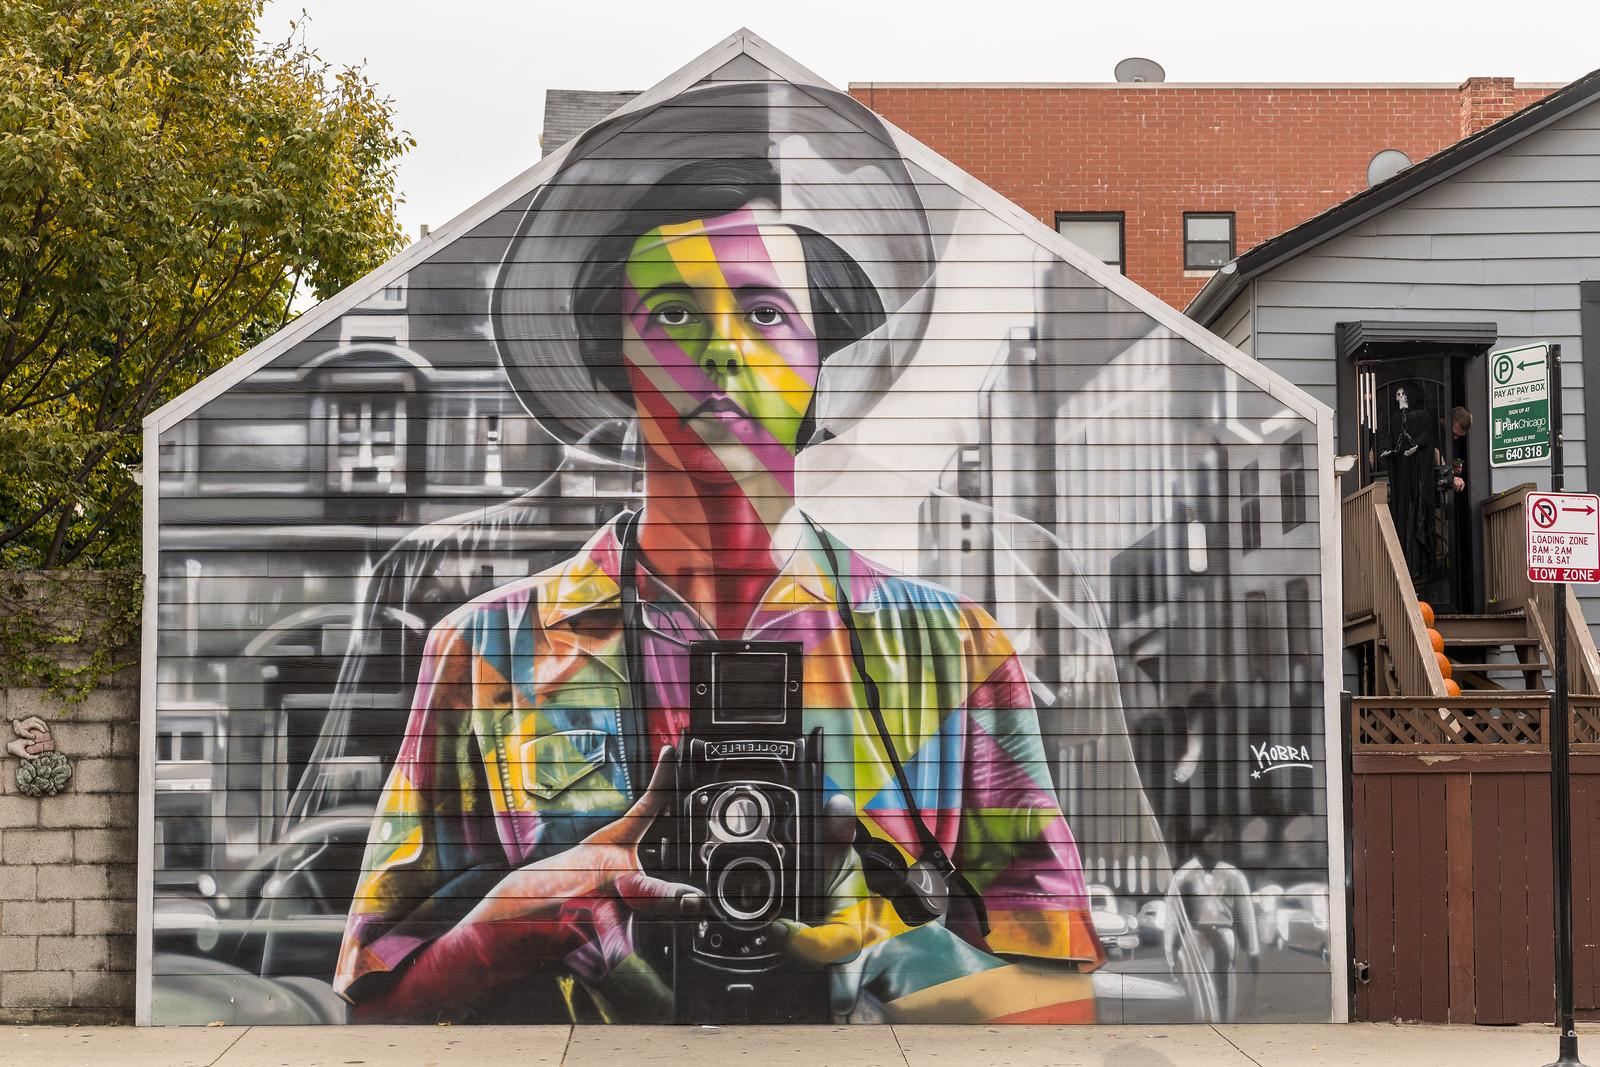 Ms. Vivian Maier, street, Nikon D850, AF-S Nikkor 24-70mm f/2.8E ED VR